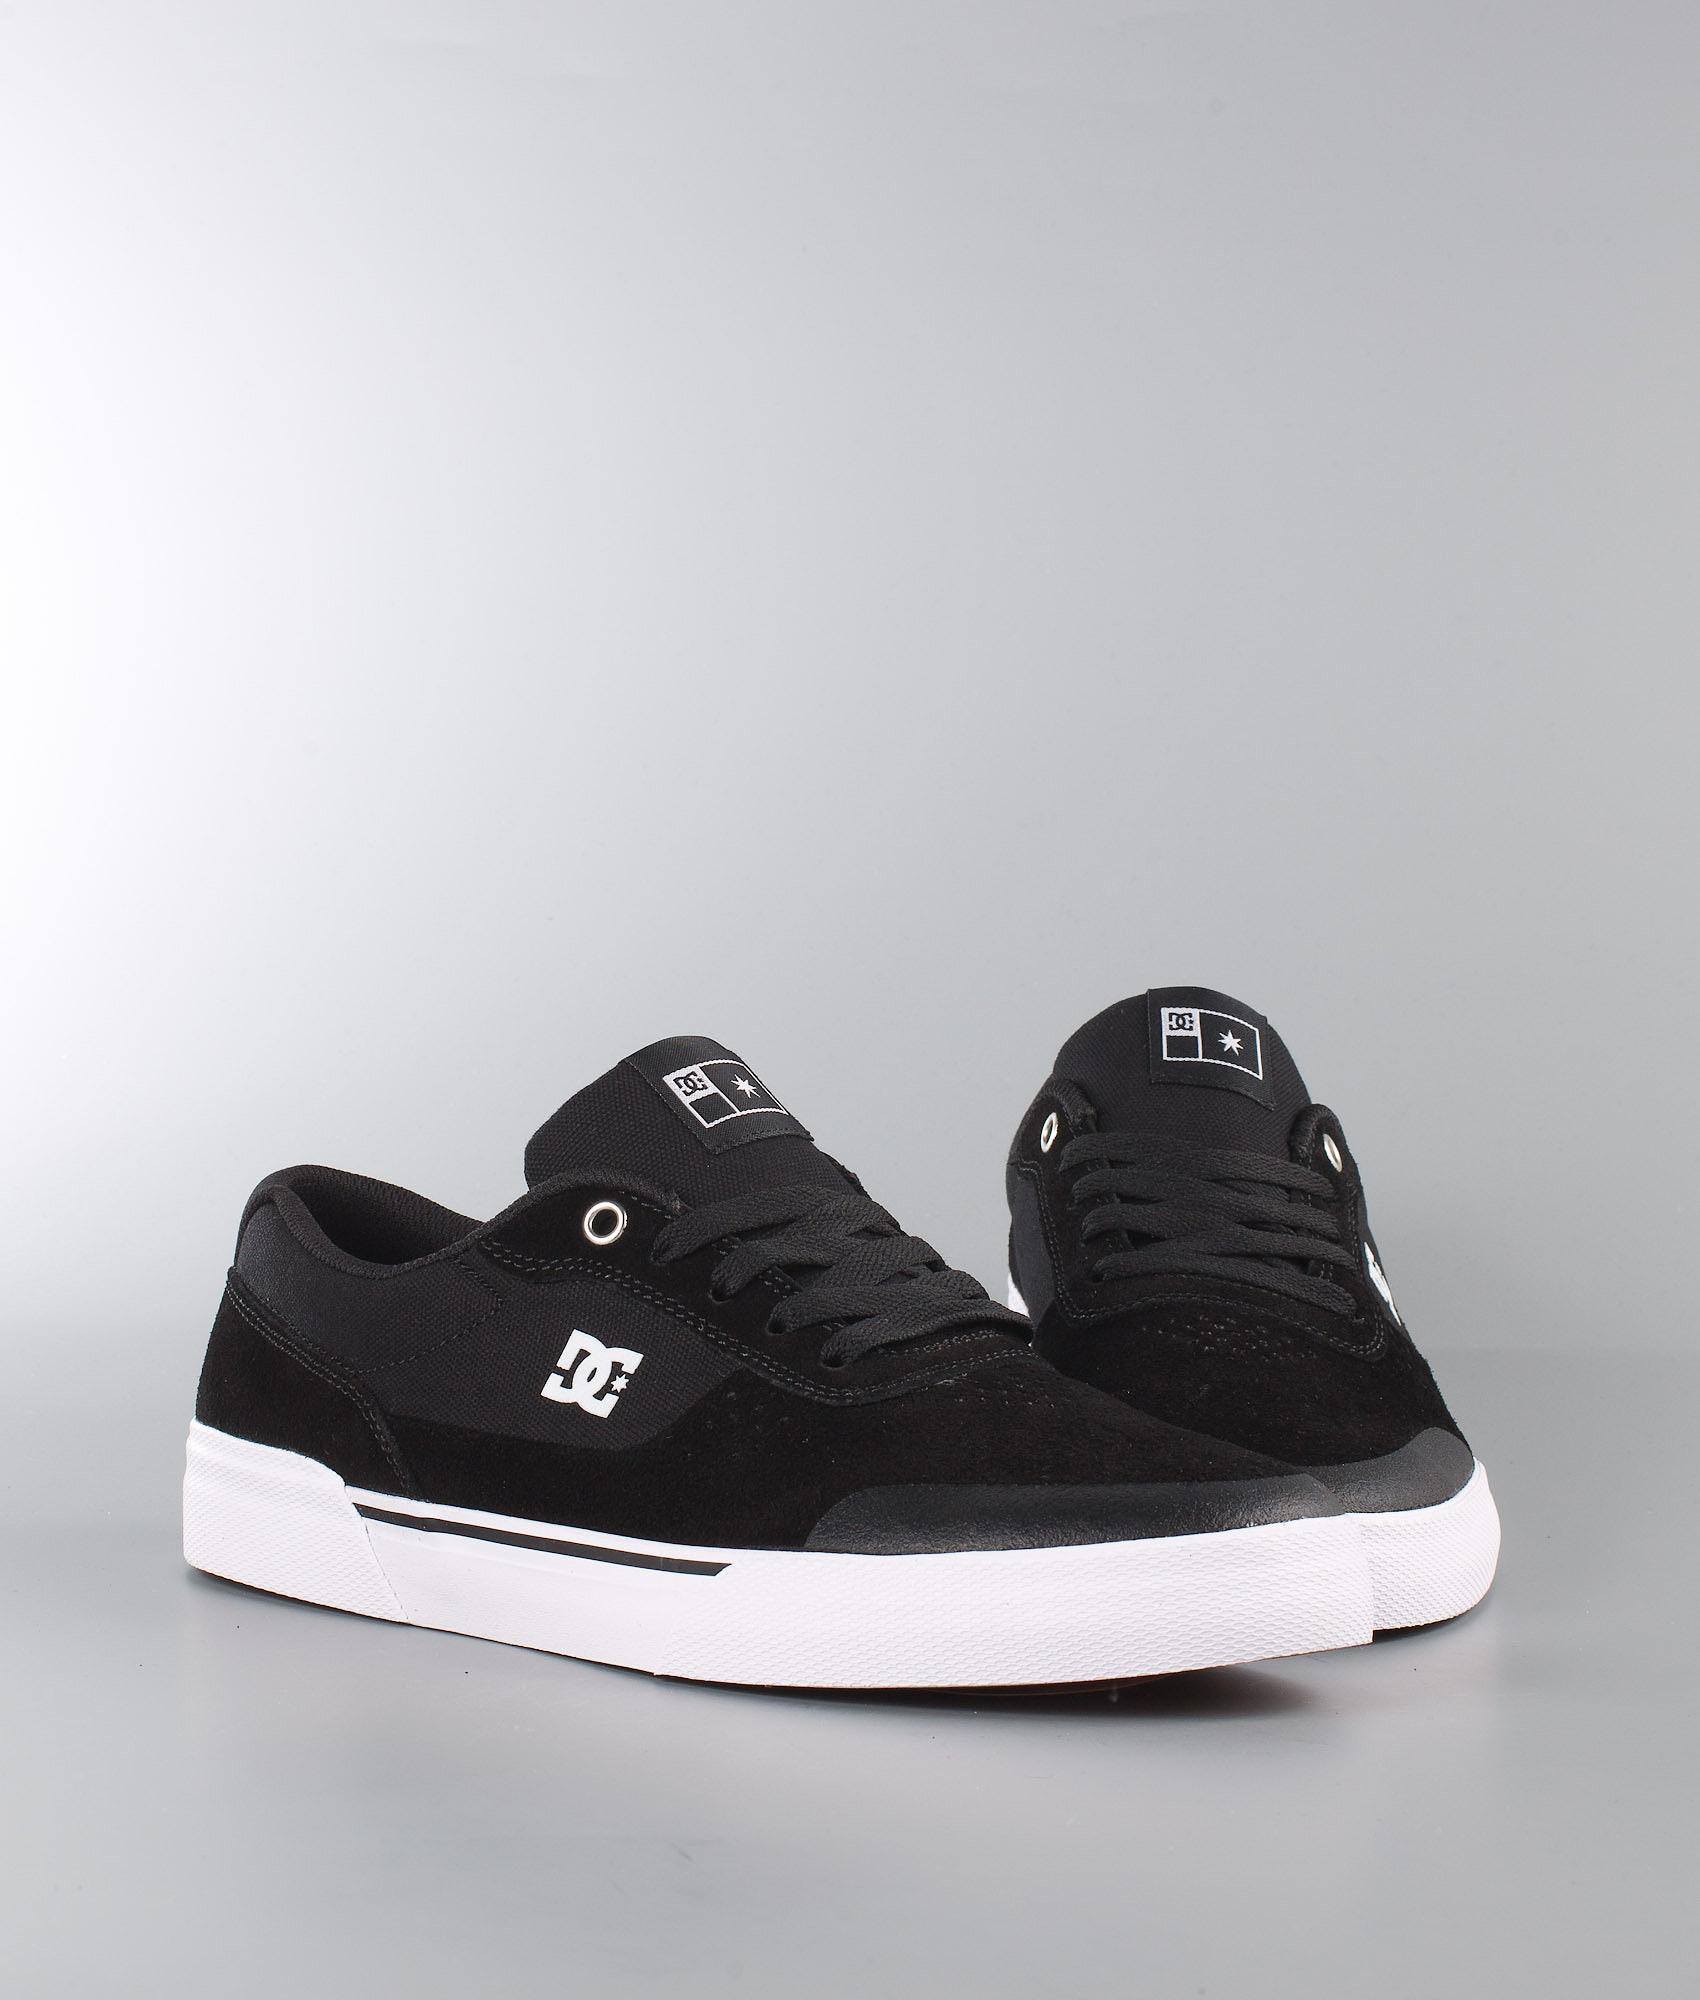 ba91c03522 DC Switch Plus S Shoes Black/White - Ridestore.com